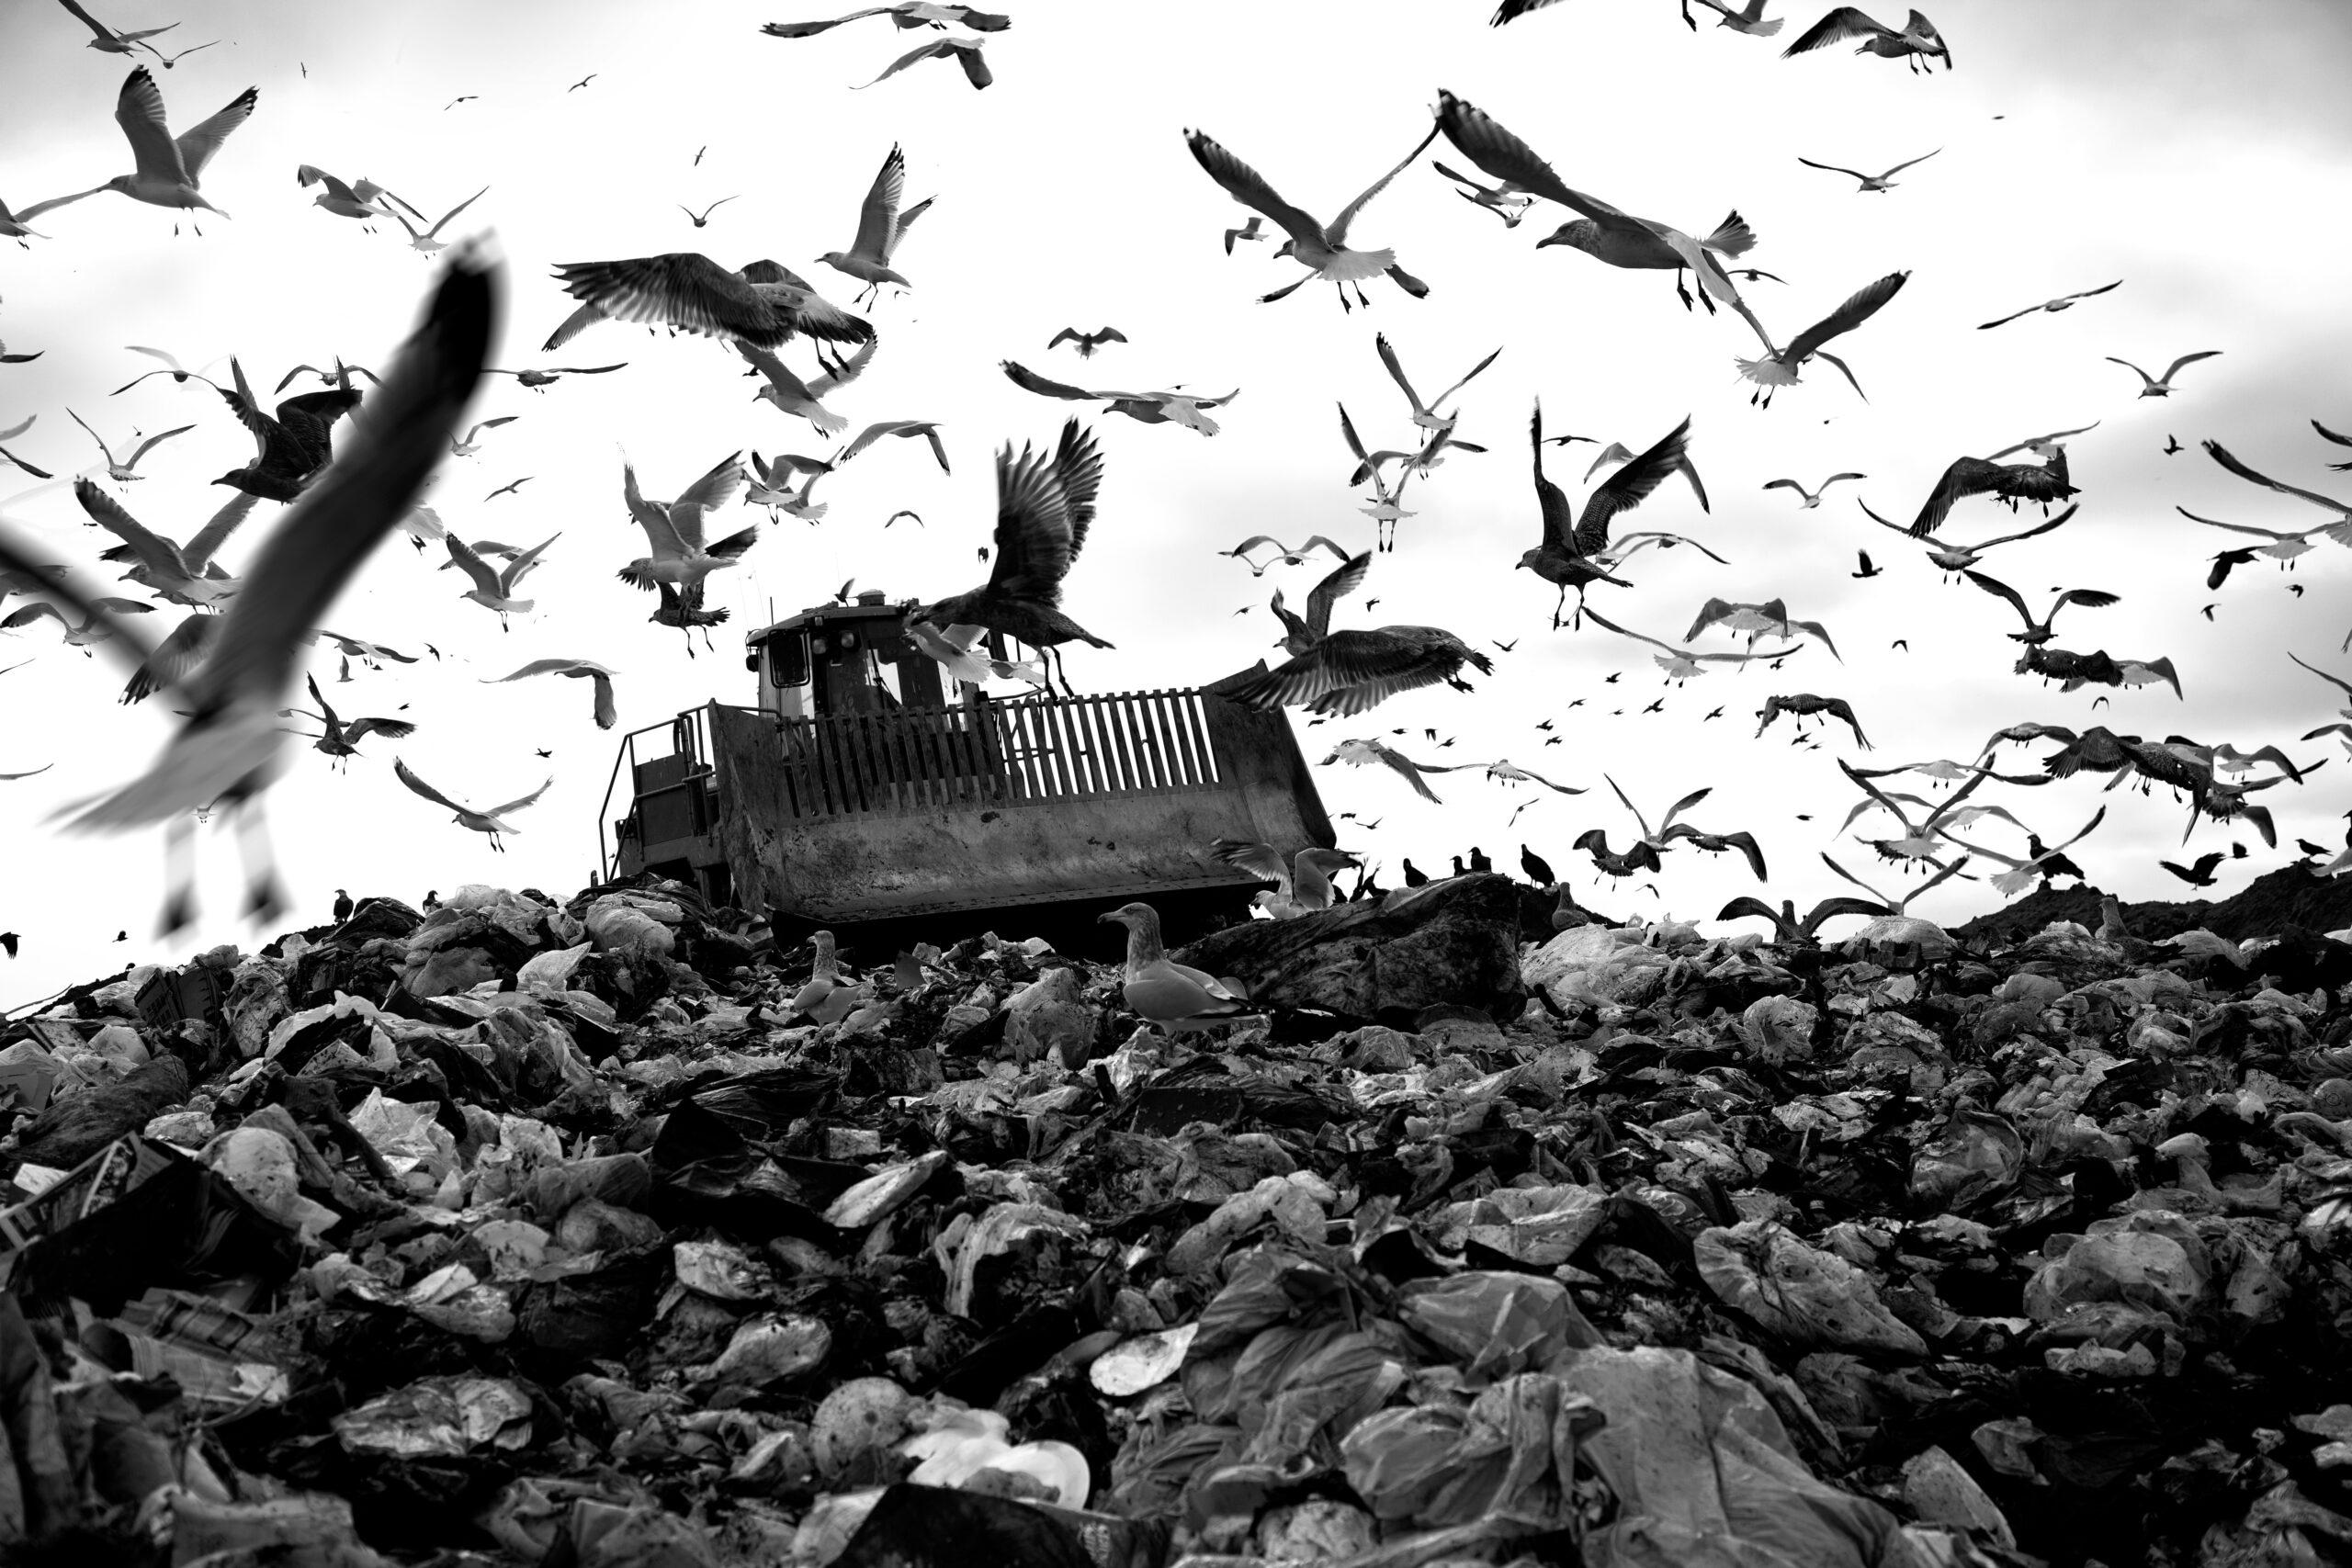 Alertă: Criza deșeurilor – teren fertil pentru construirea incineratoarelor